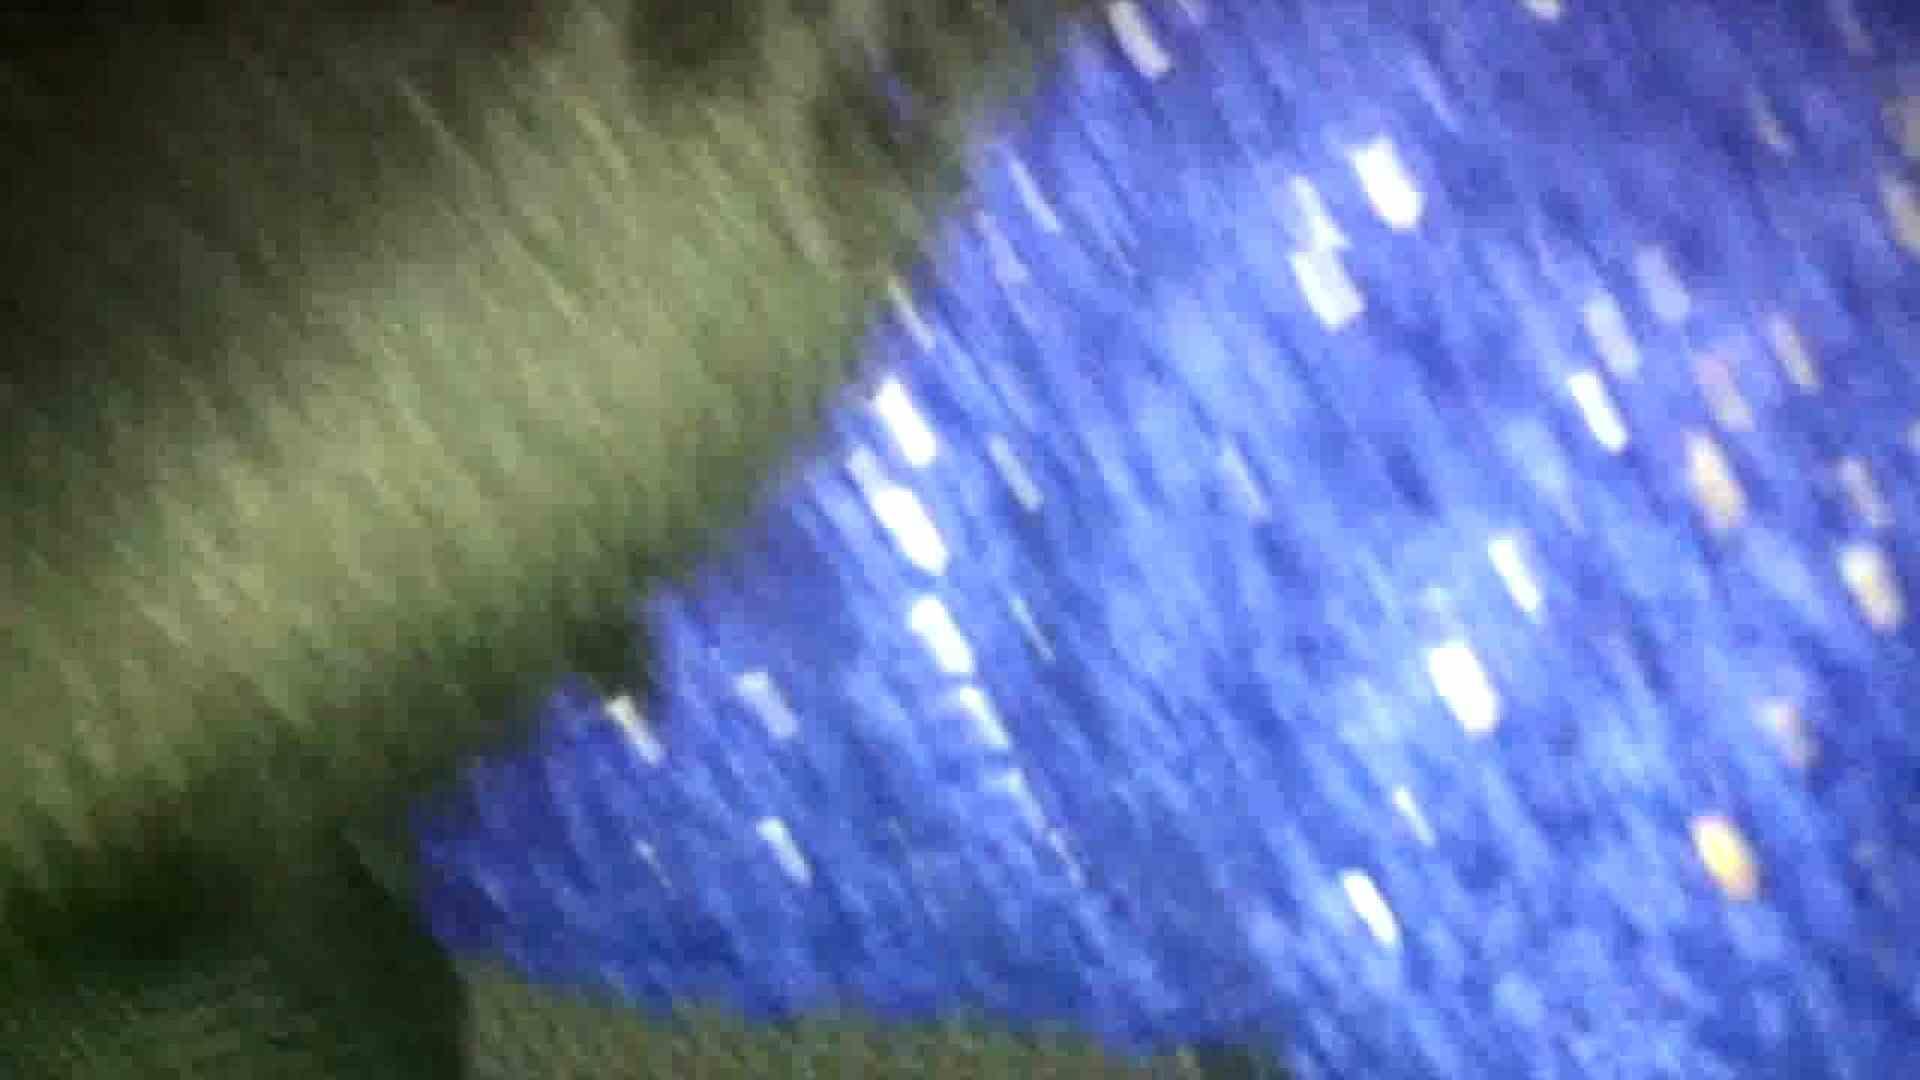 魔術師の お・も・て・な・し vol.22 コミュサイトで知り合った20歳におもてなし イタズラ  111画像 94